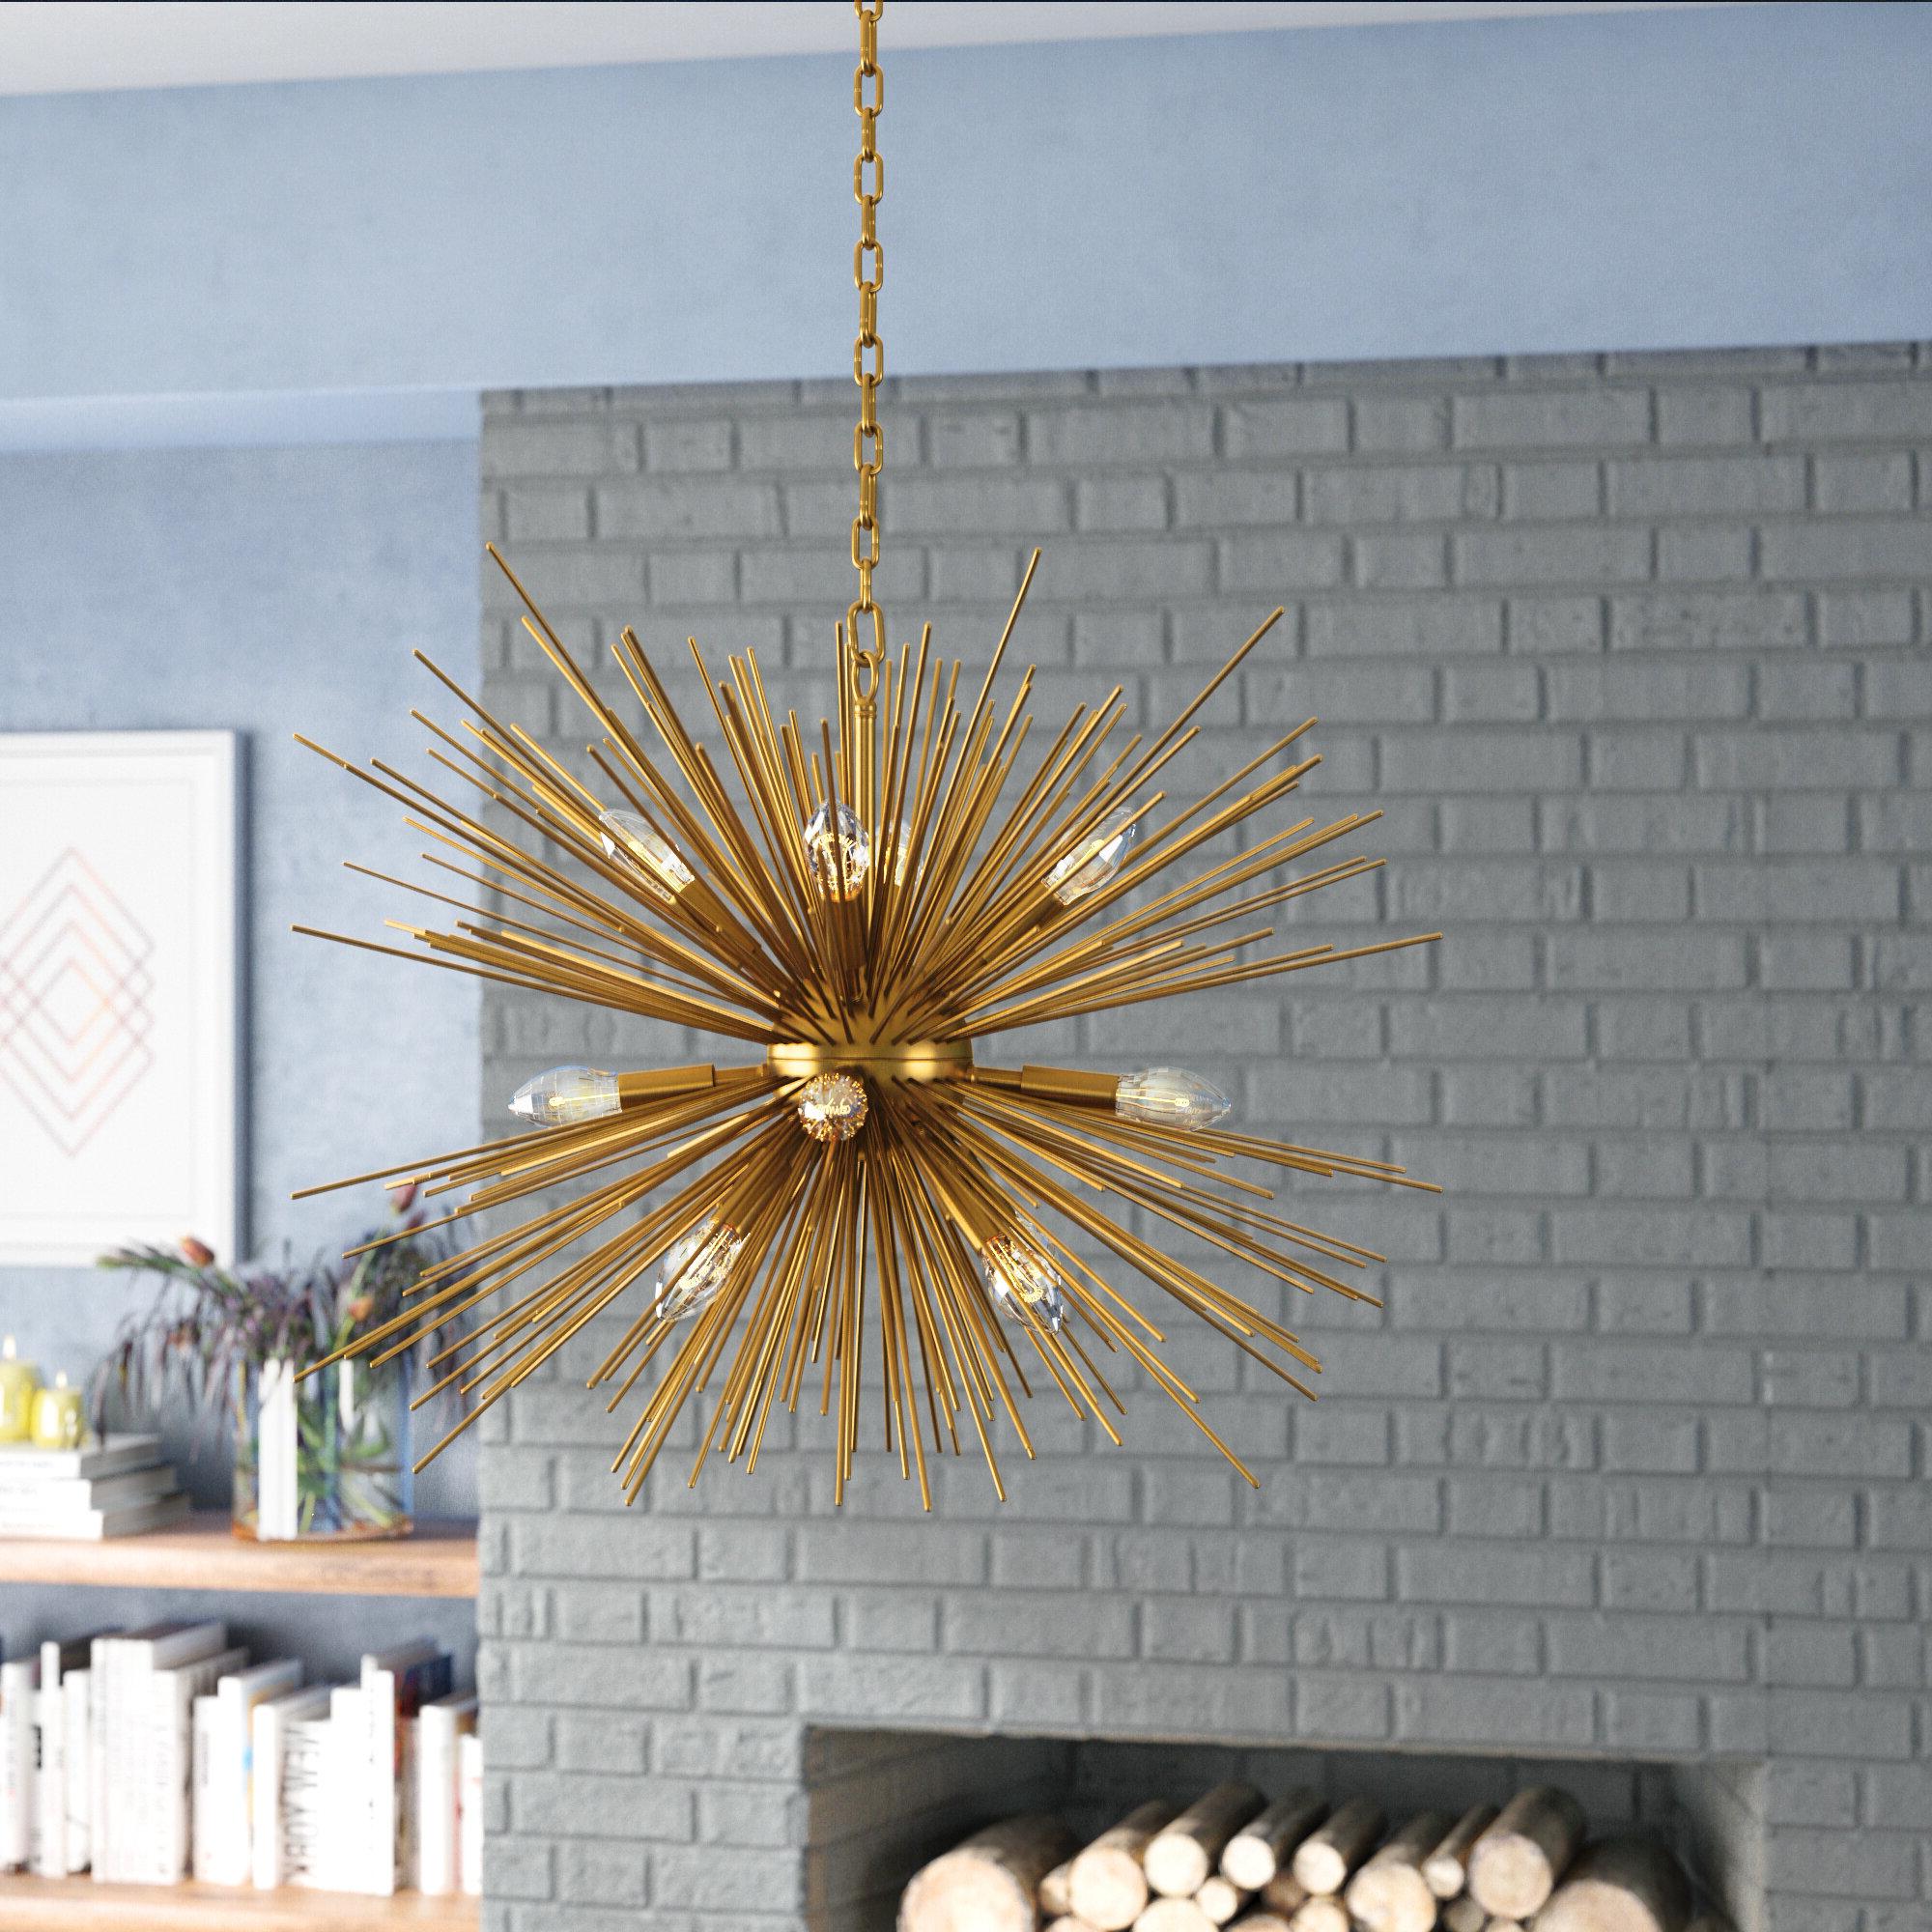 Duron 12 Light Sputnik Chandelier Within Most Recent Nelly 12 Light Sputnik Chandeliers (Gallery 11 of 20)